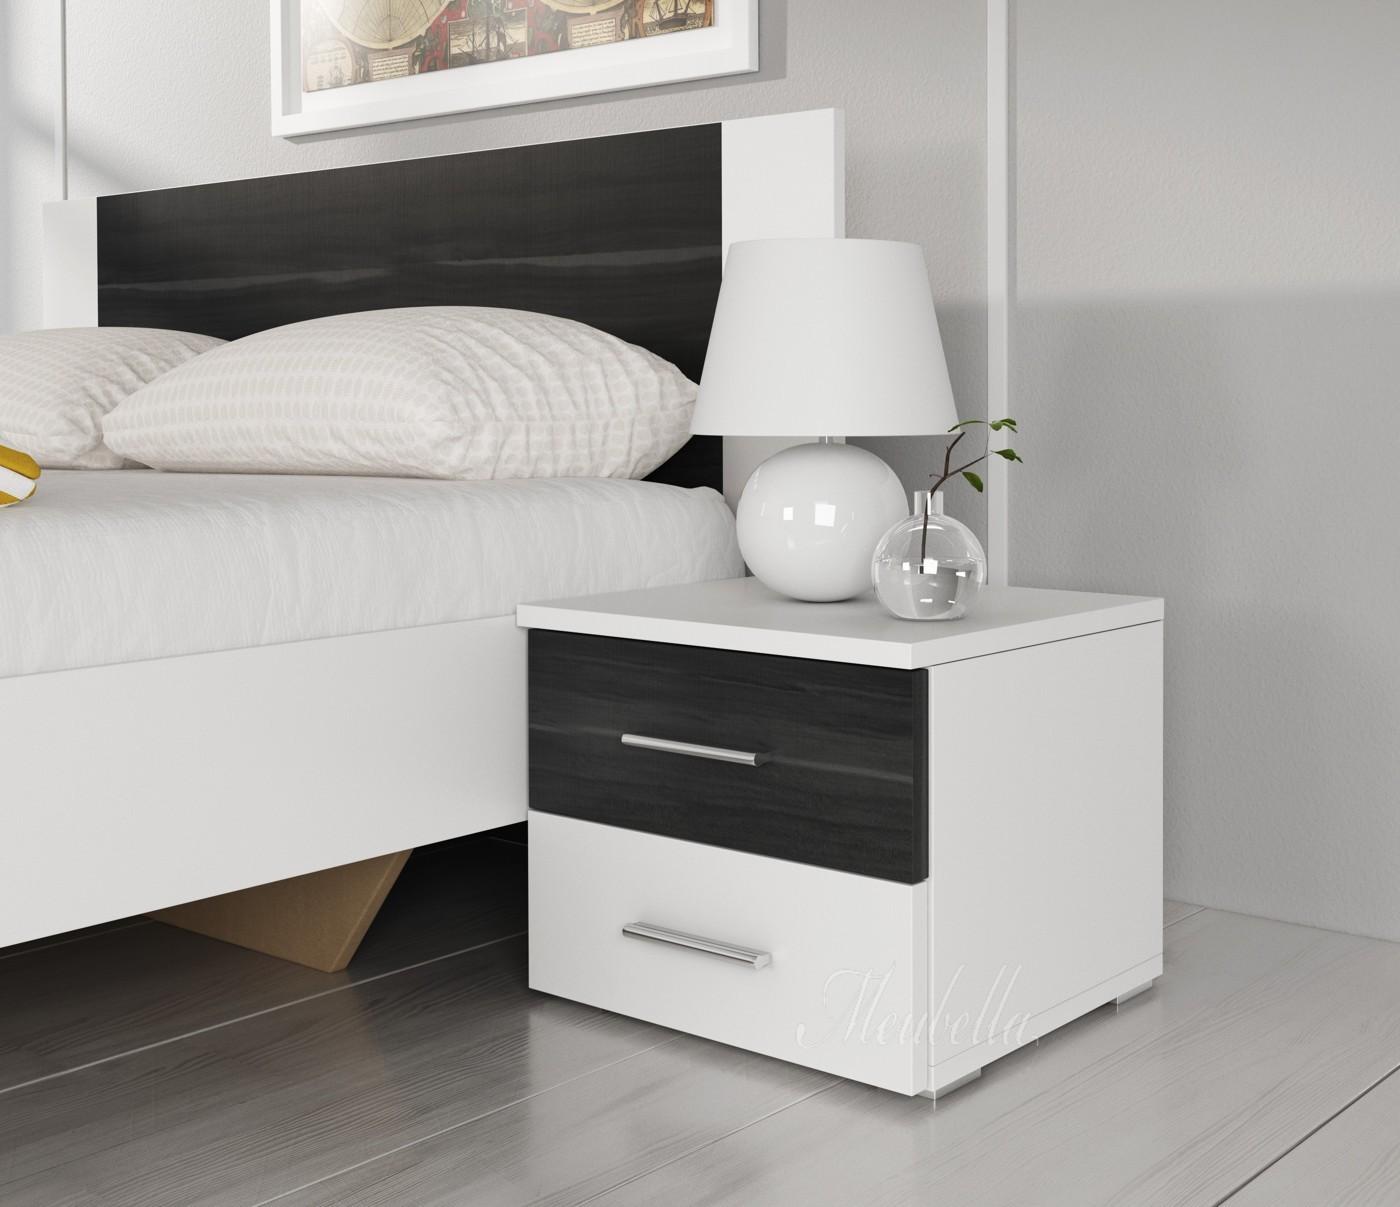 ... - 180 x 200 bedden - Complete Slaapkamers - Slaapkamer  Meubella